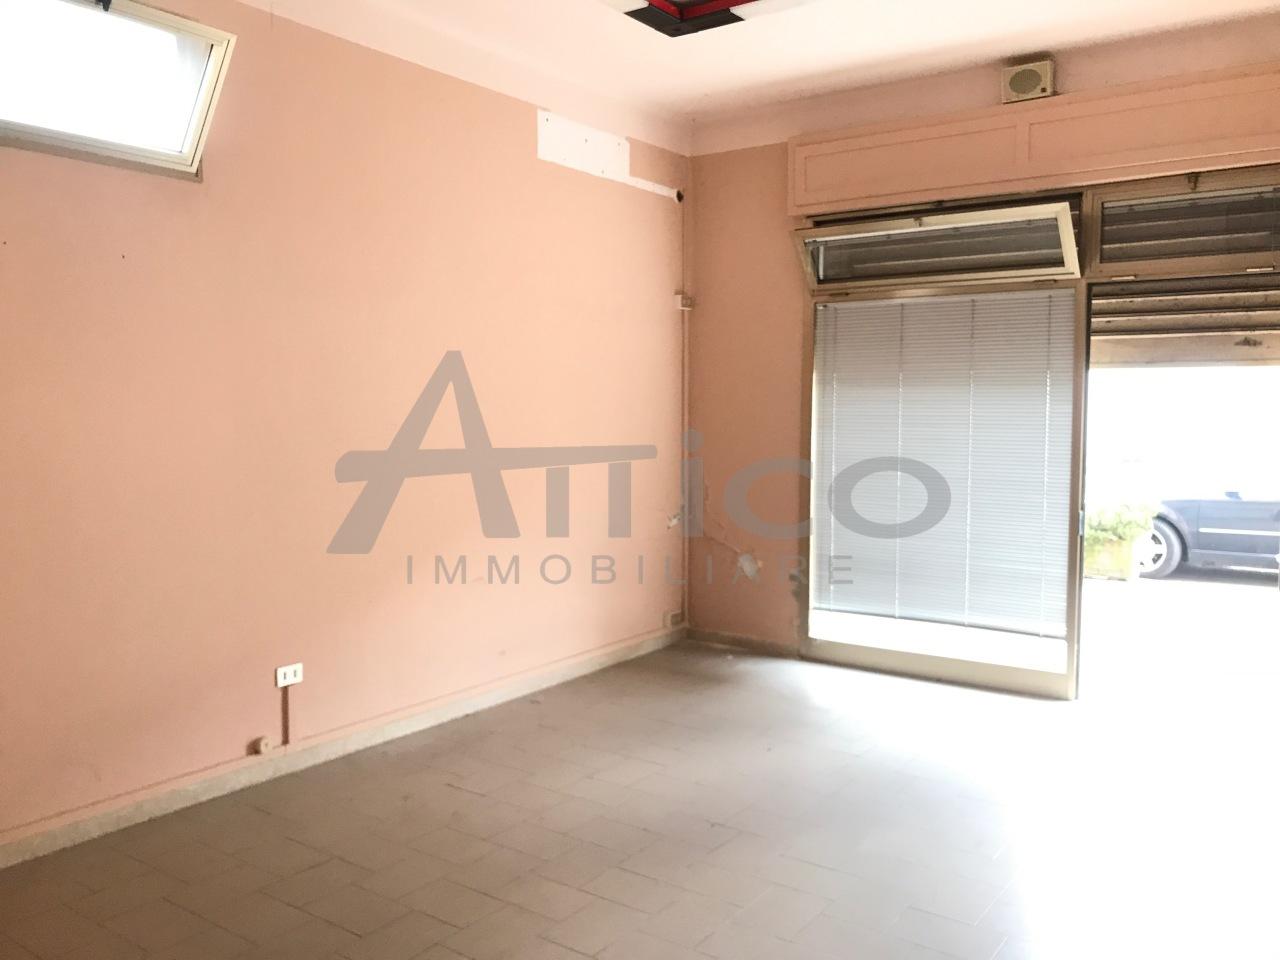 Locale commerciale - 1 Vetrina a Commenda Ovest, Rovigo Rif. 9656345